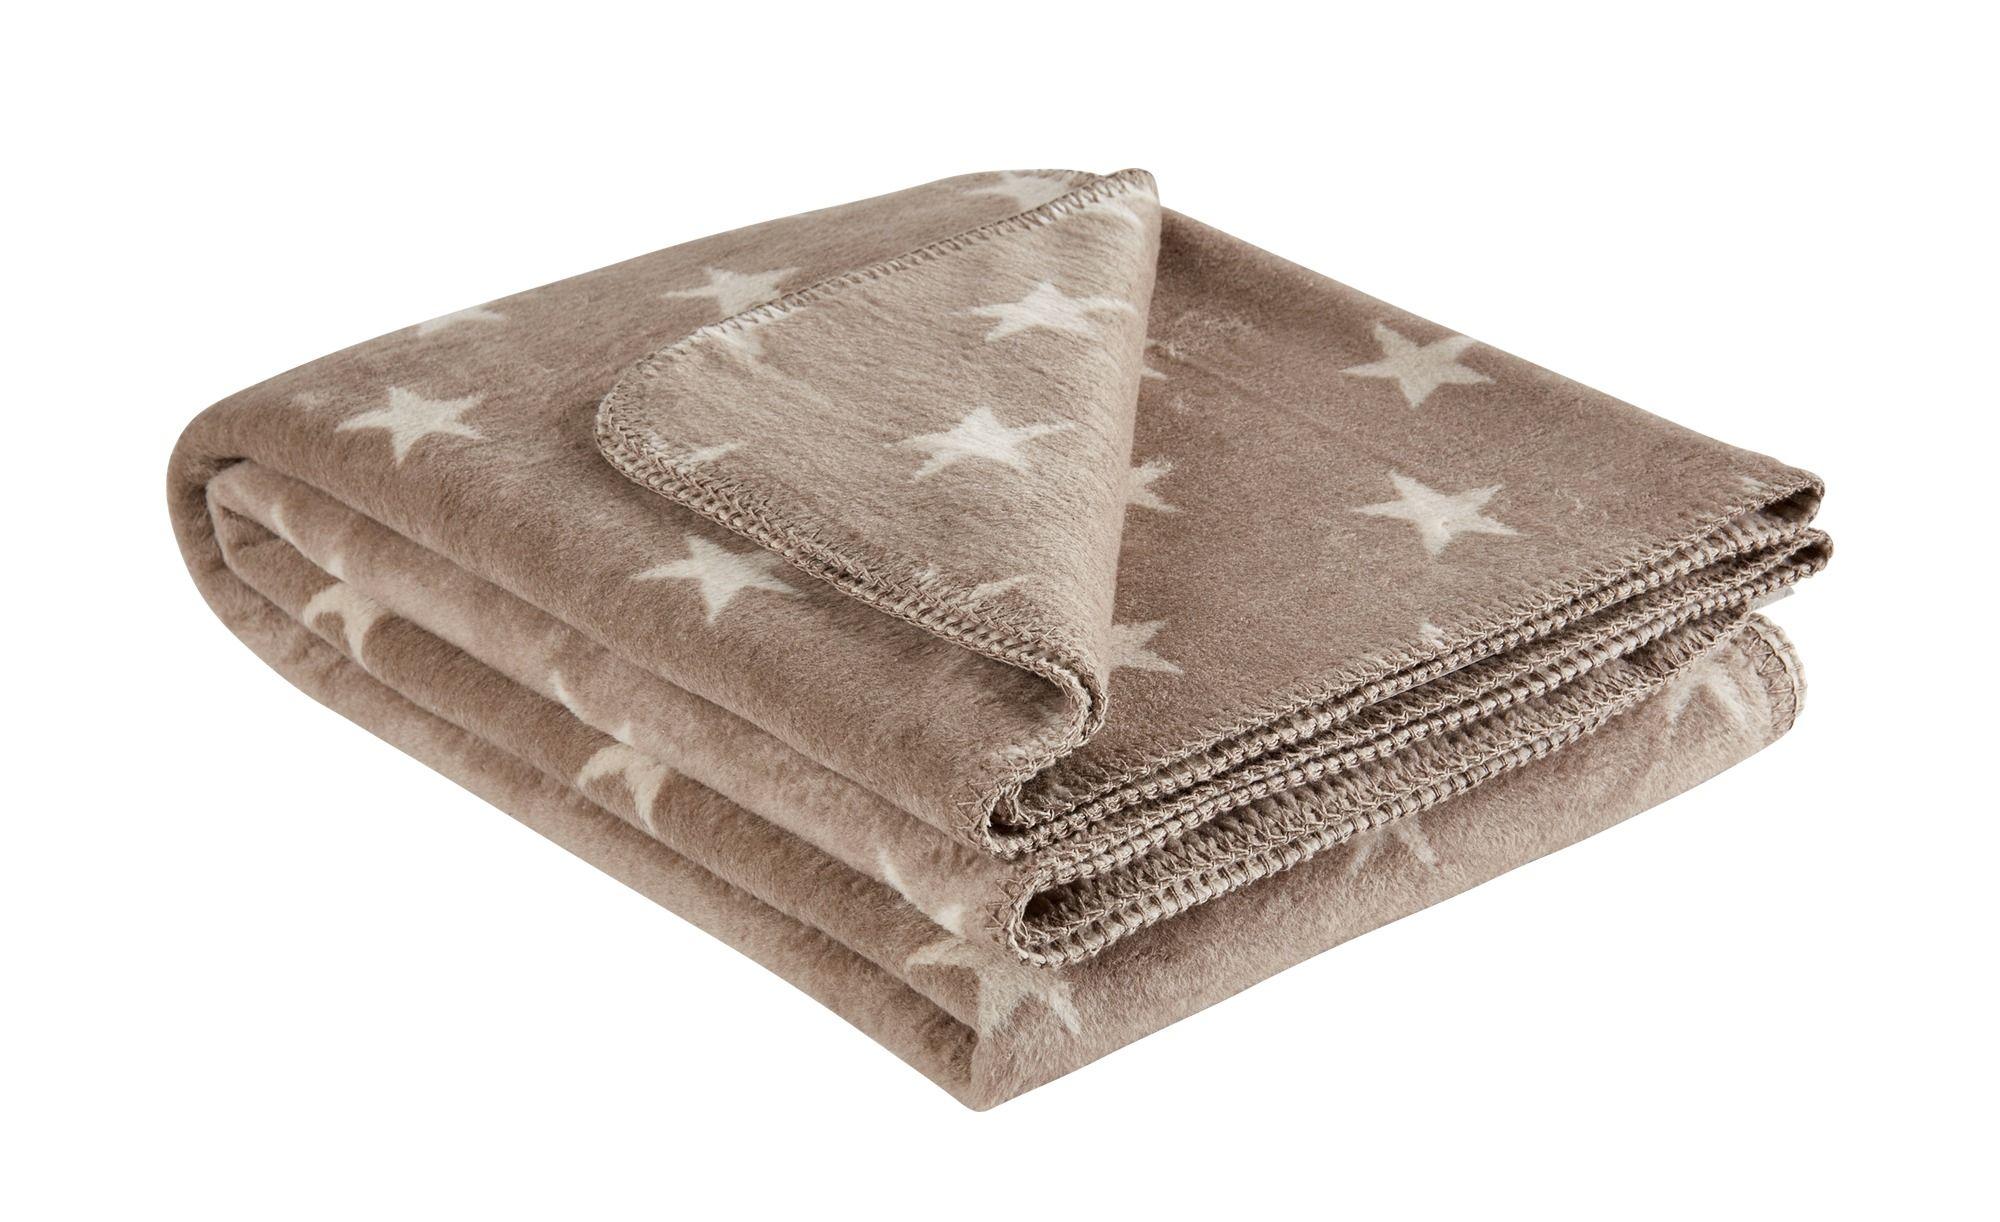 Tagesdecke 200x220 Moderne Tagesdecken Fur Betten Bettuberwurf